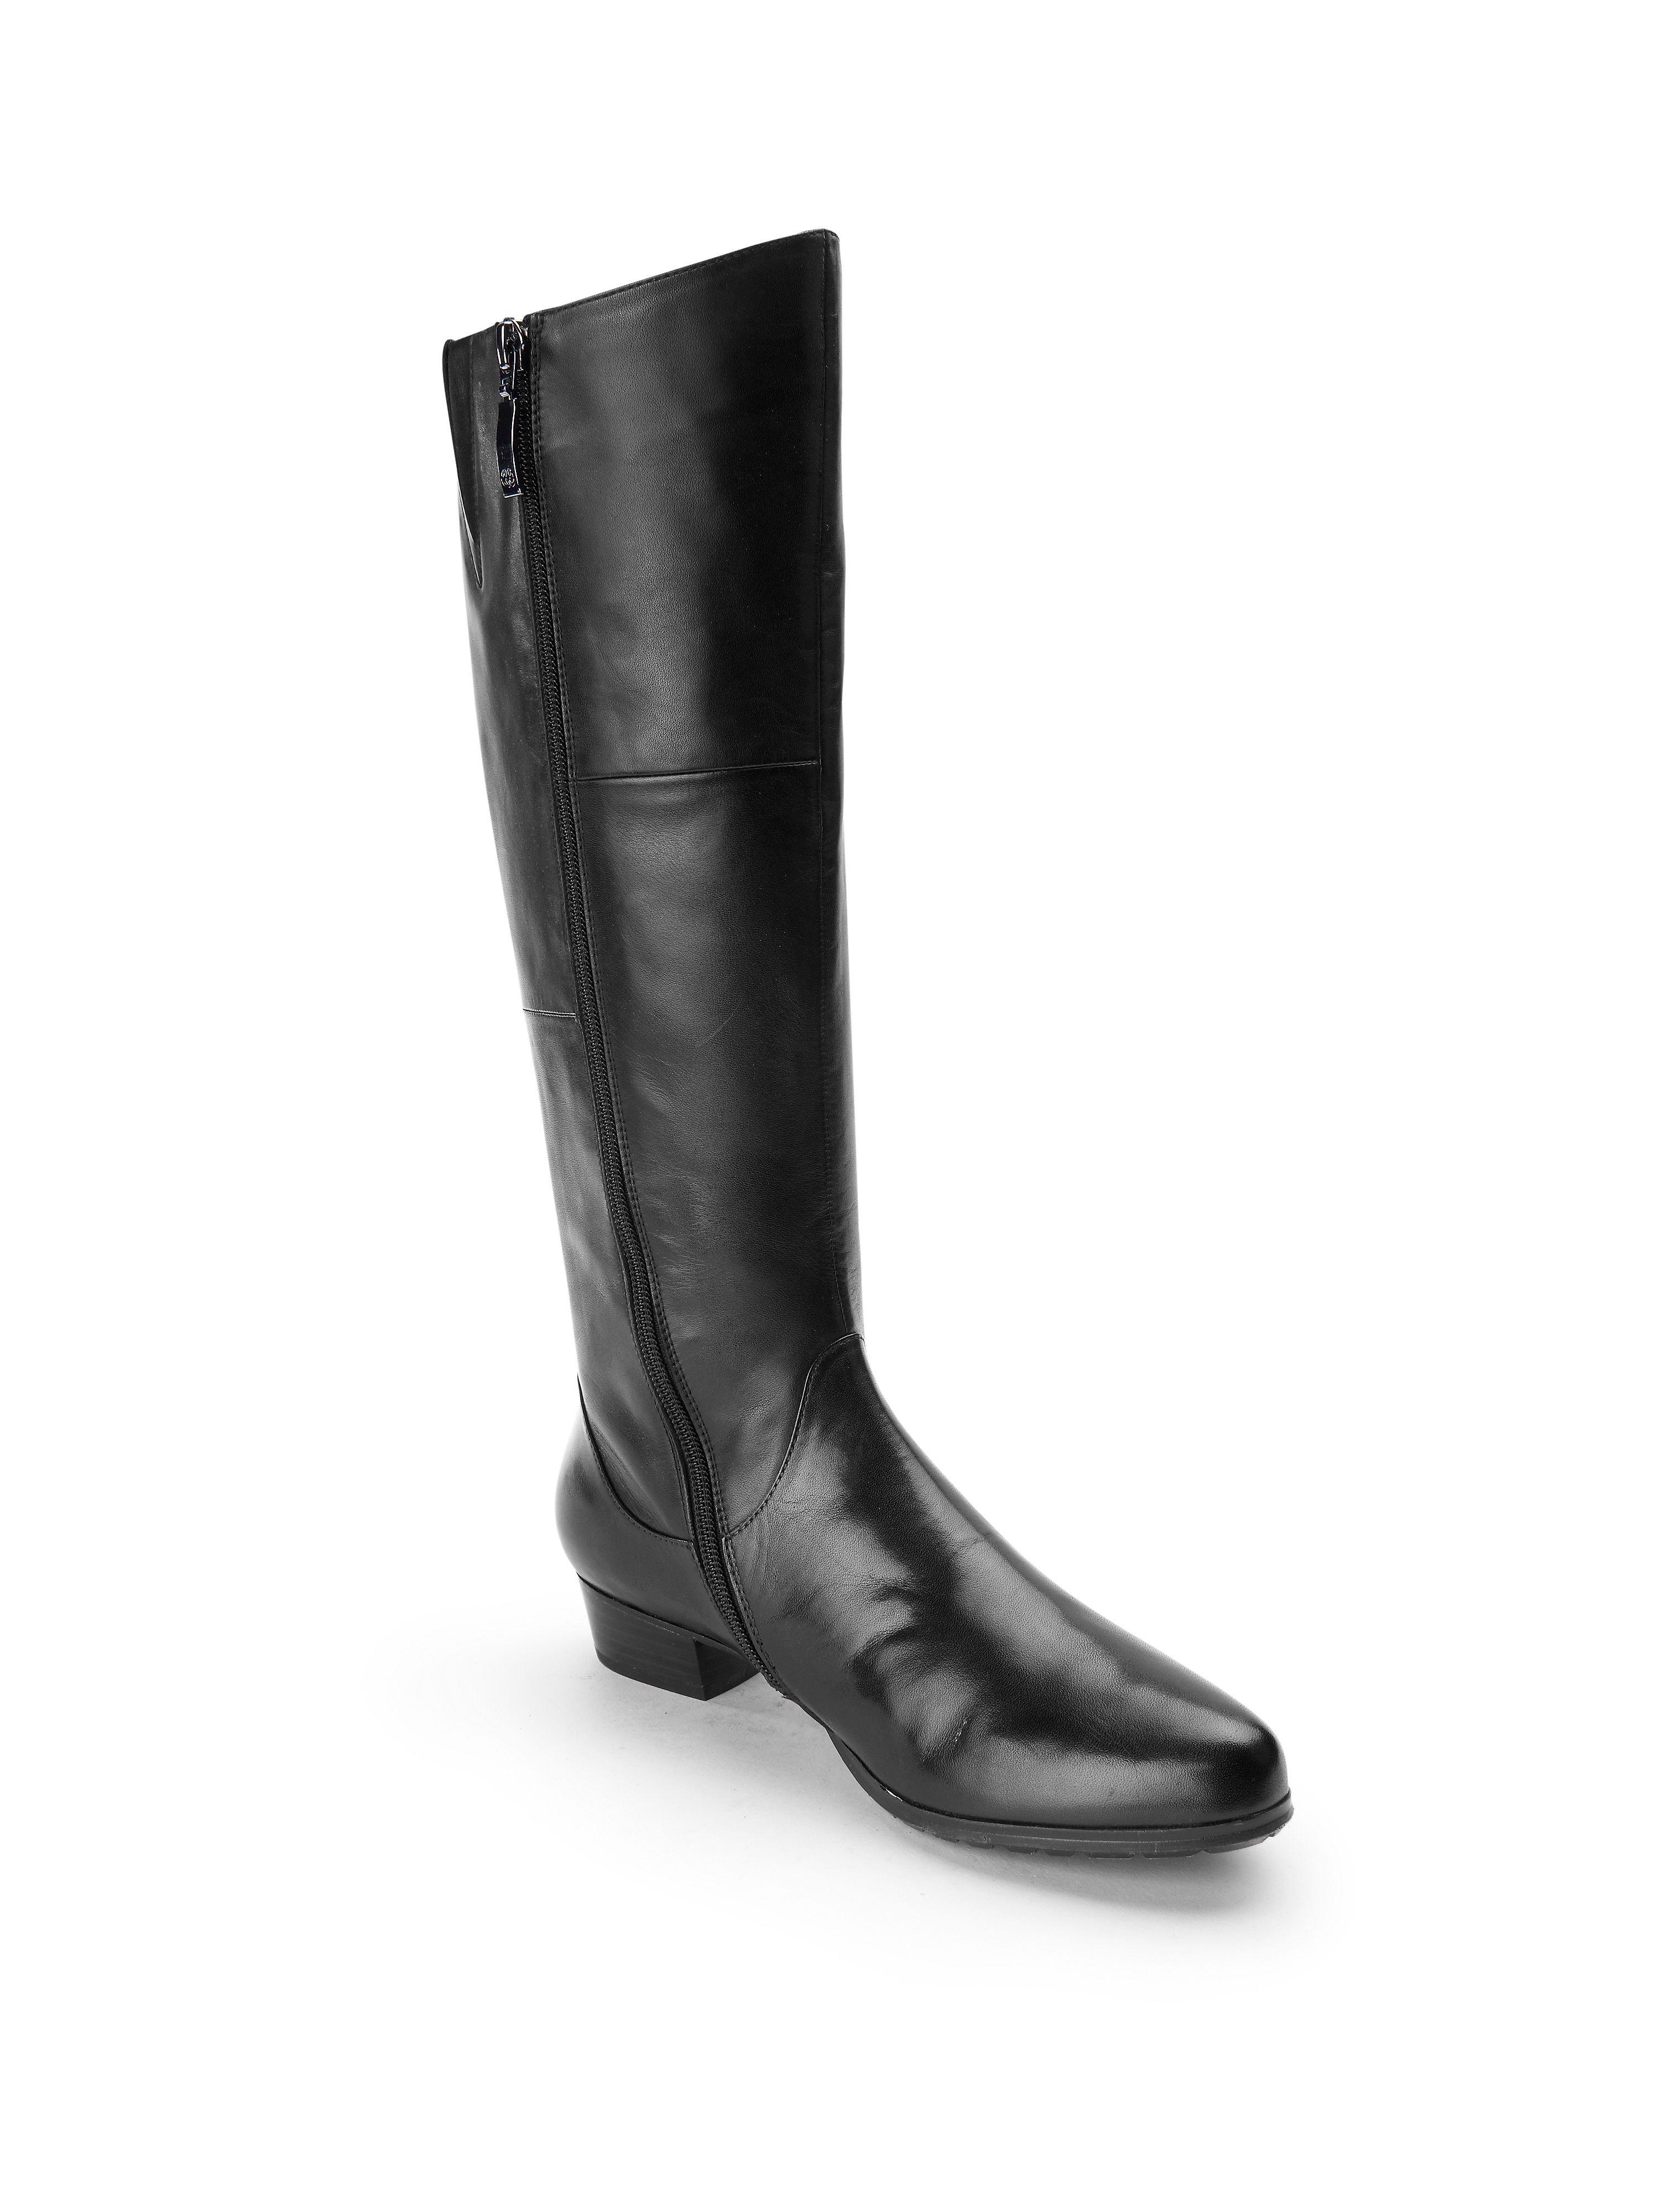 Gerry Weber - Langschaft-Stiefel - Schwarz Gute Qualität beliebte Schuhe